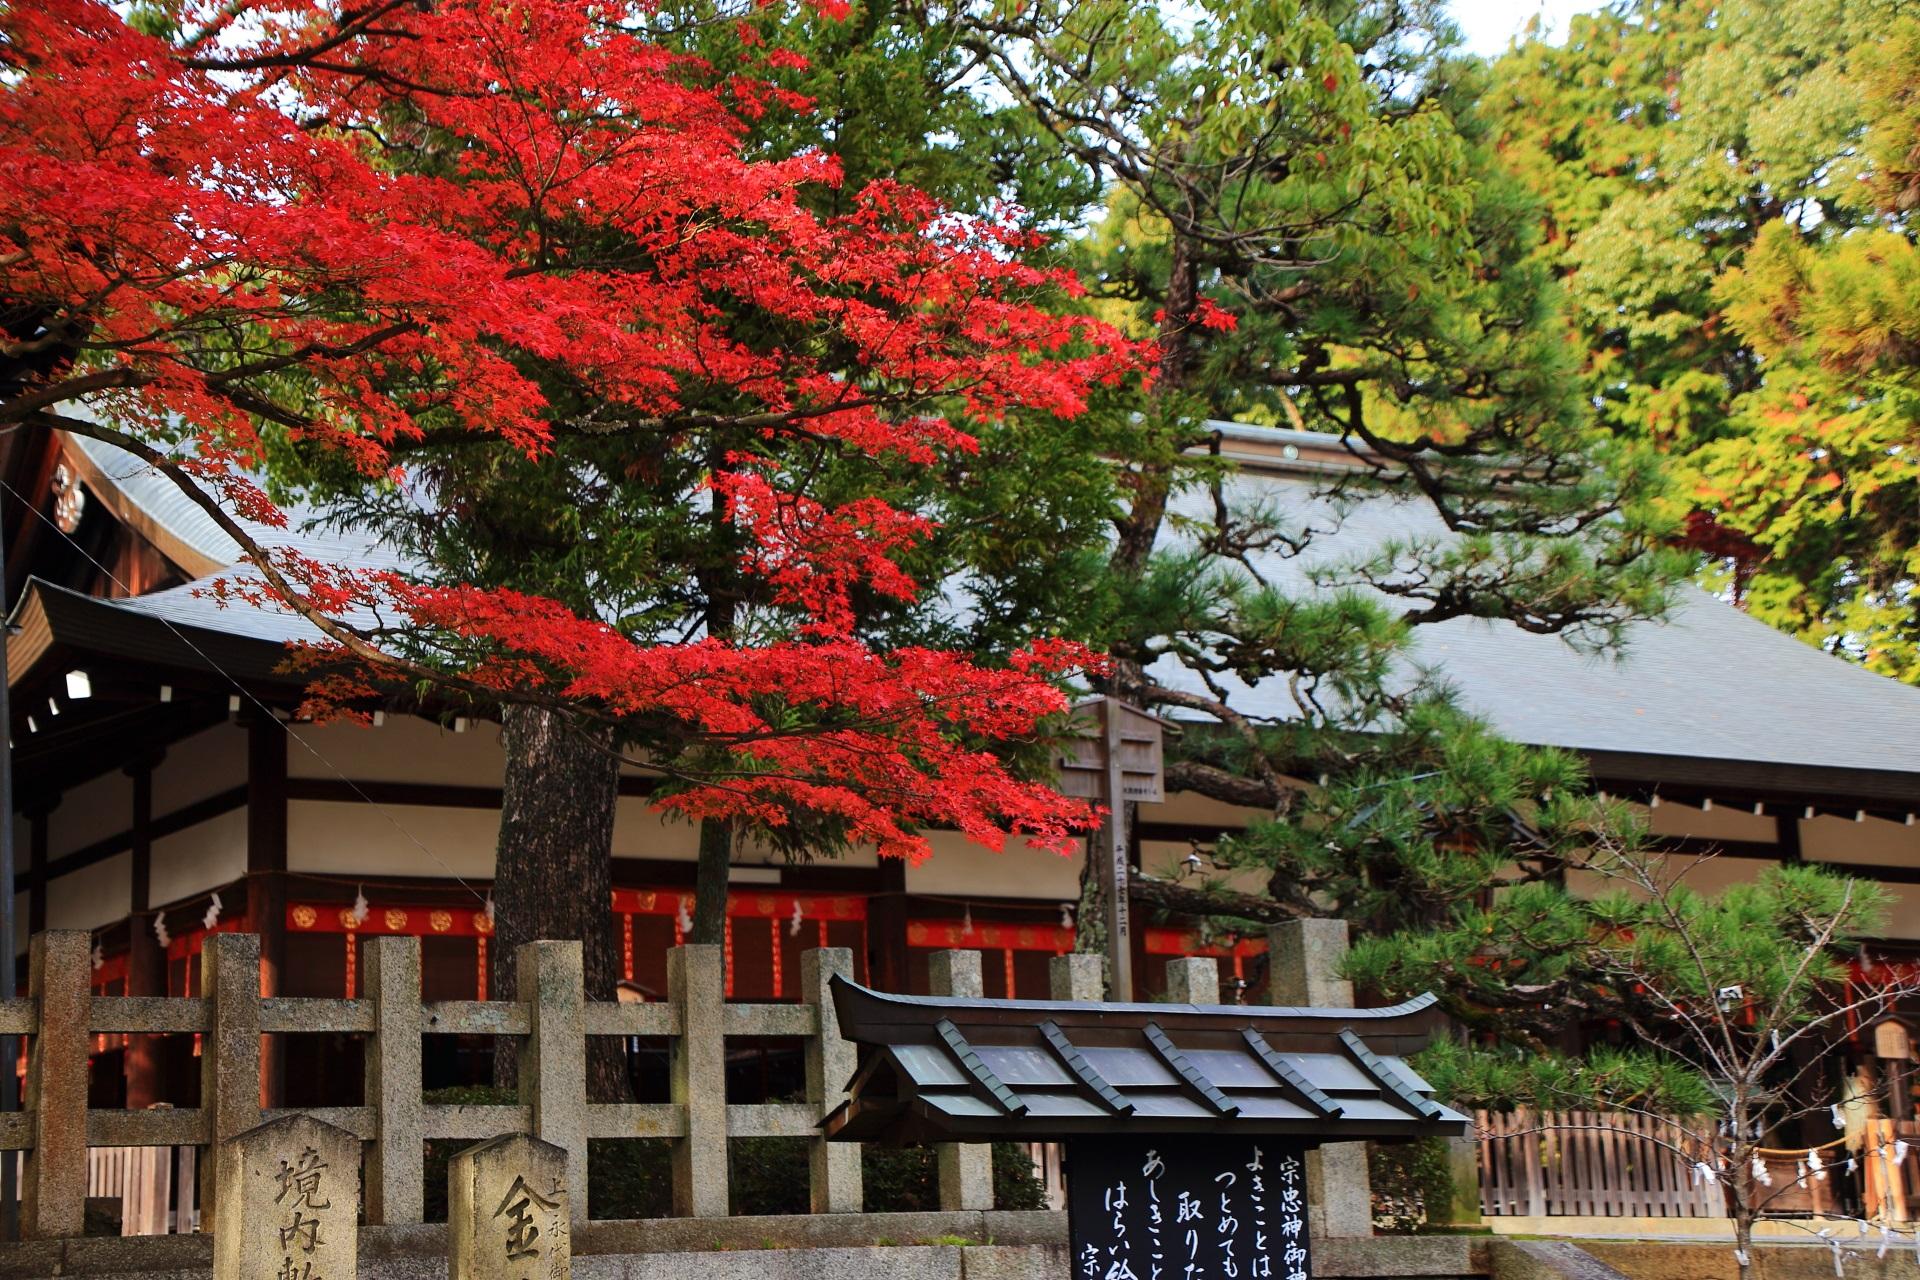 拝殿と更に色づきが濃くなった真っ赤な紅葉